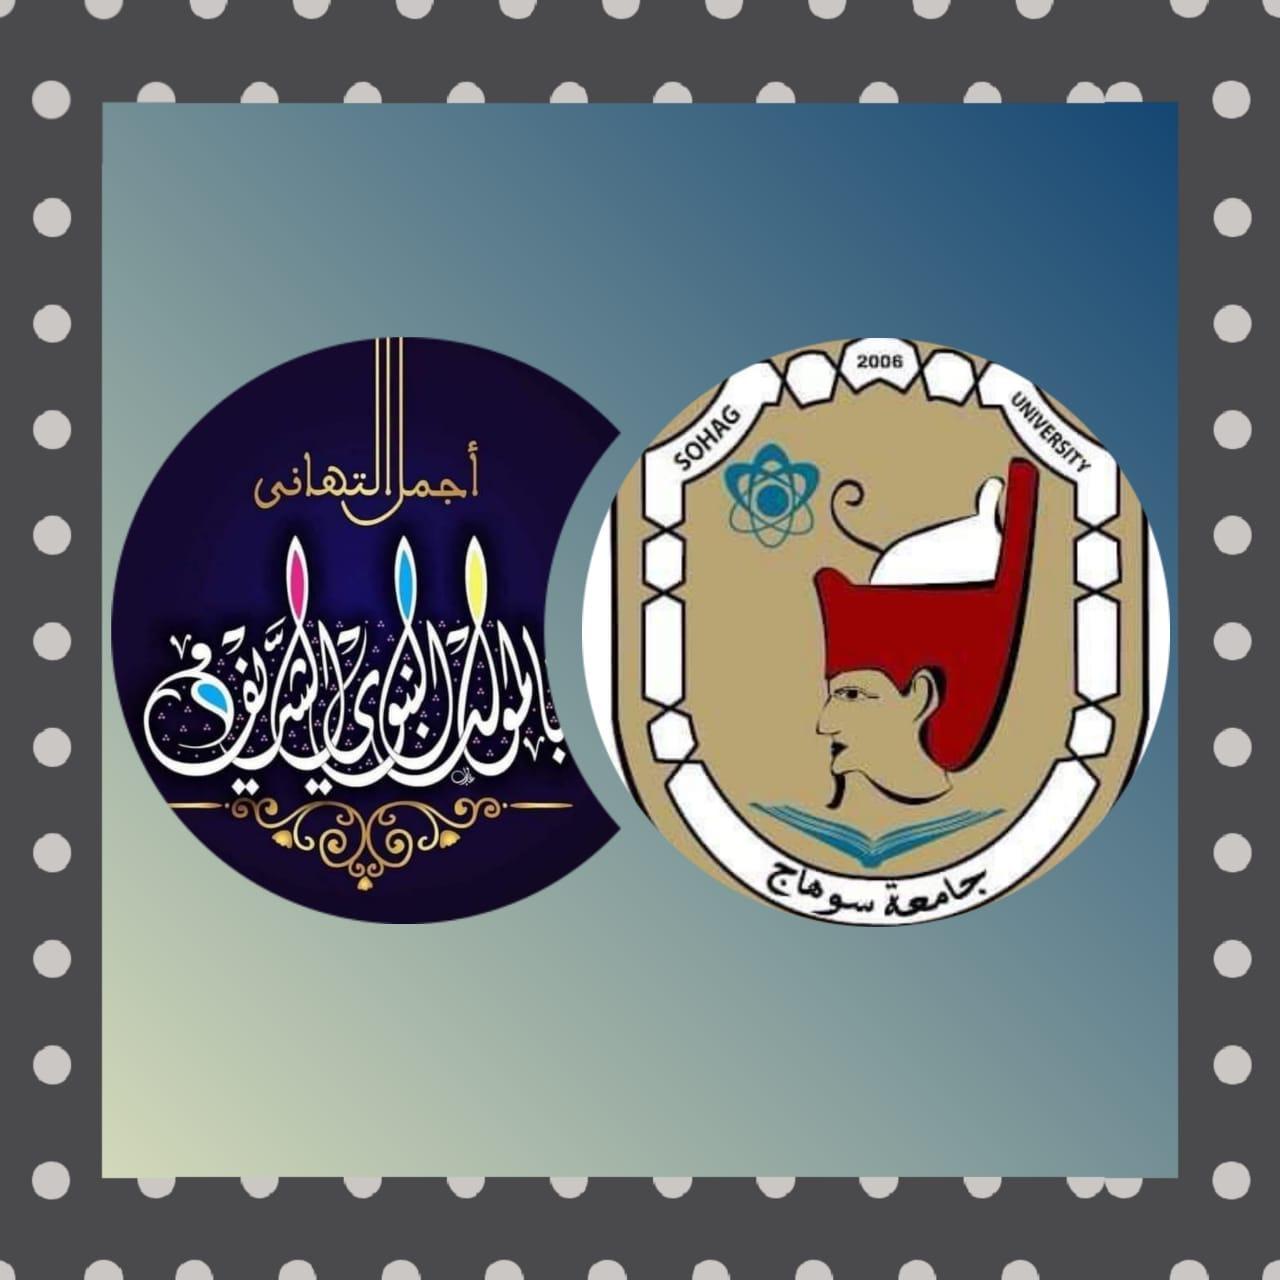 مجلس جامعة سوهاج يهنئ الرئيس السيسى وشيخ الازهر بذكرى المولد النبوى الشريف